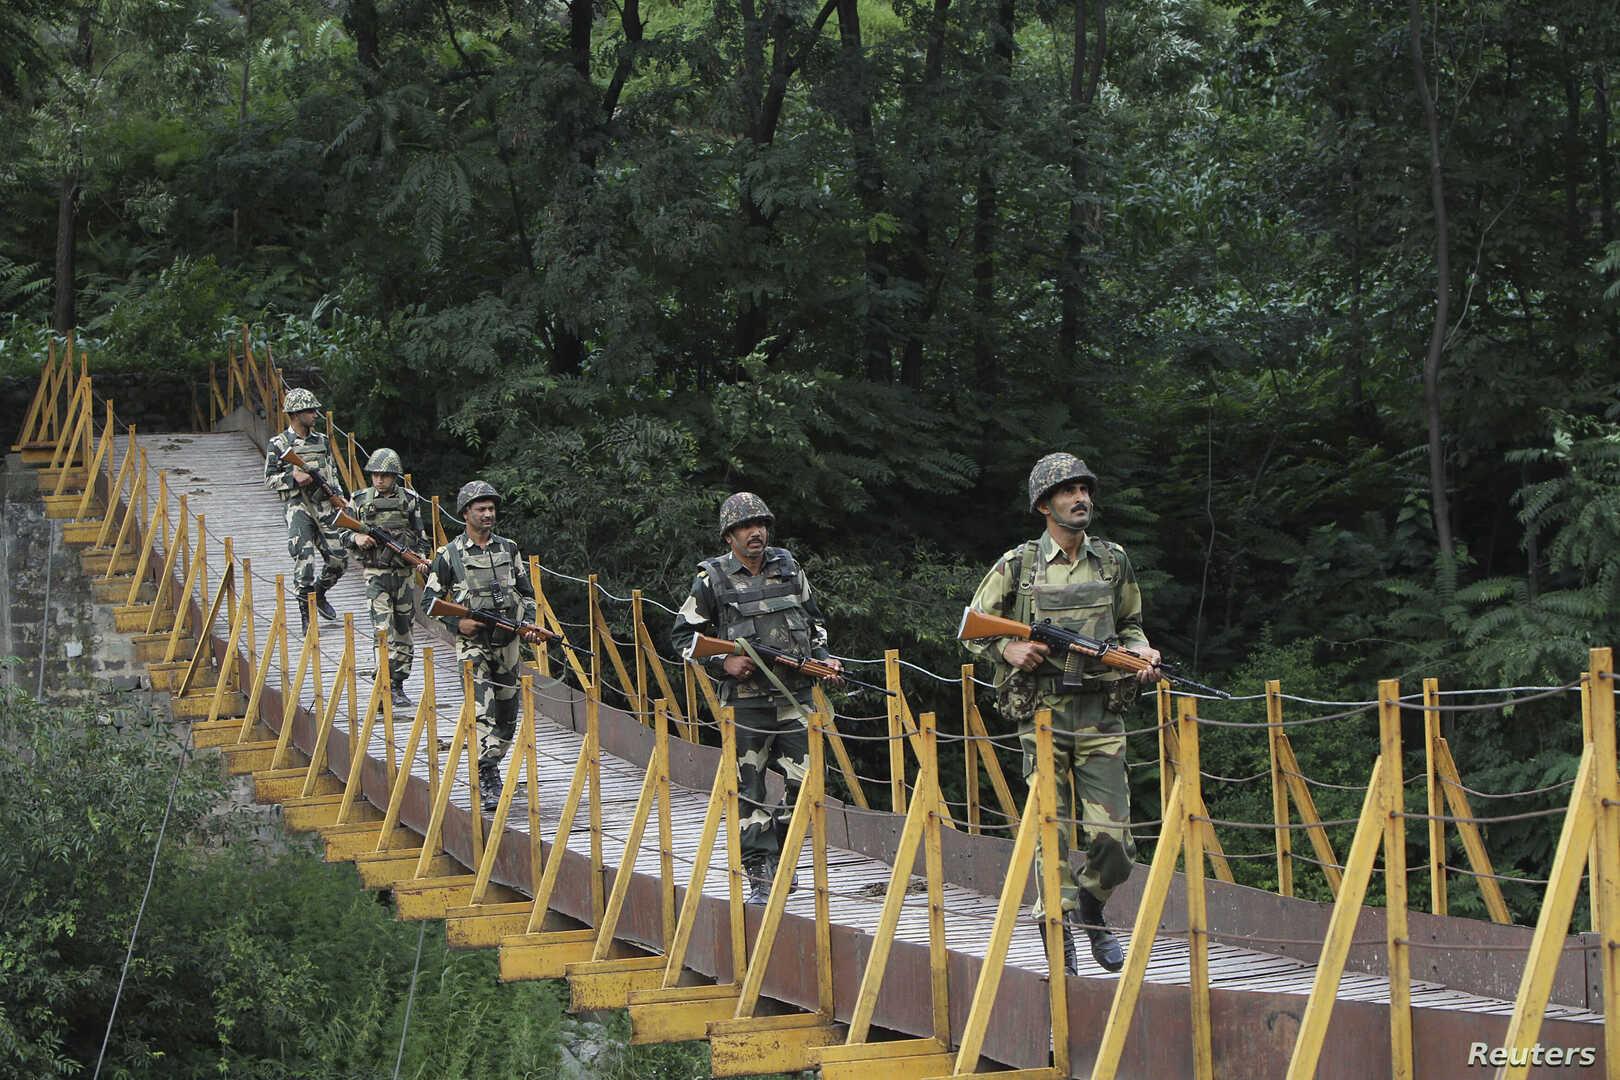 الهند والصين تستعدان لجولة مفاوضات ثامنة الأسبوع المقبل ولا تستعجلان حل الخلافات